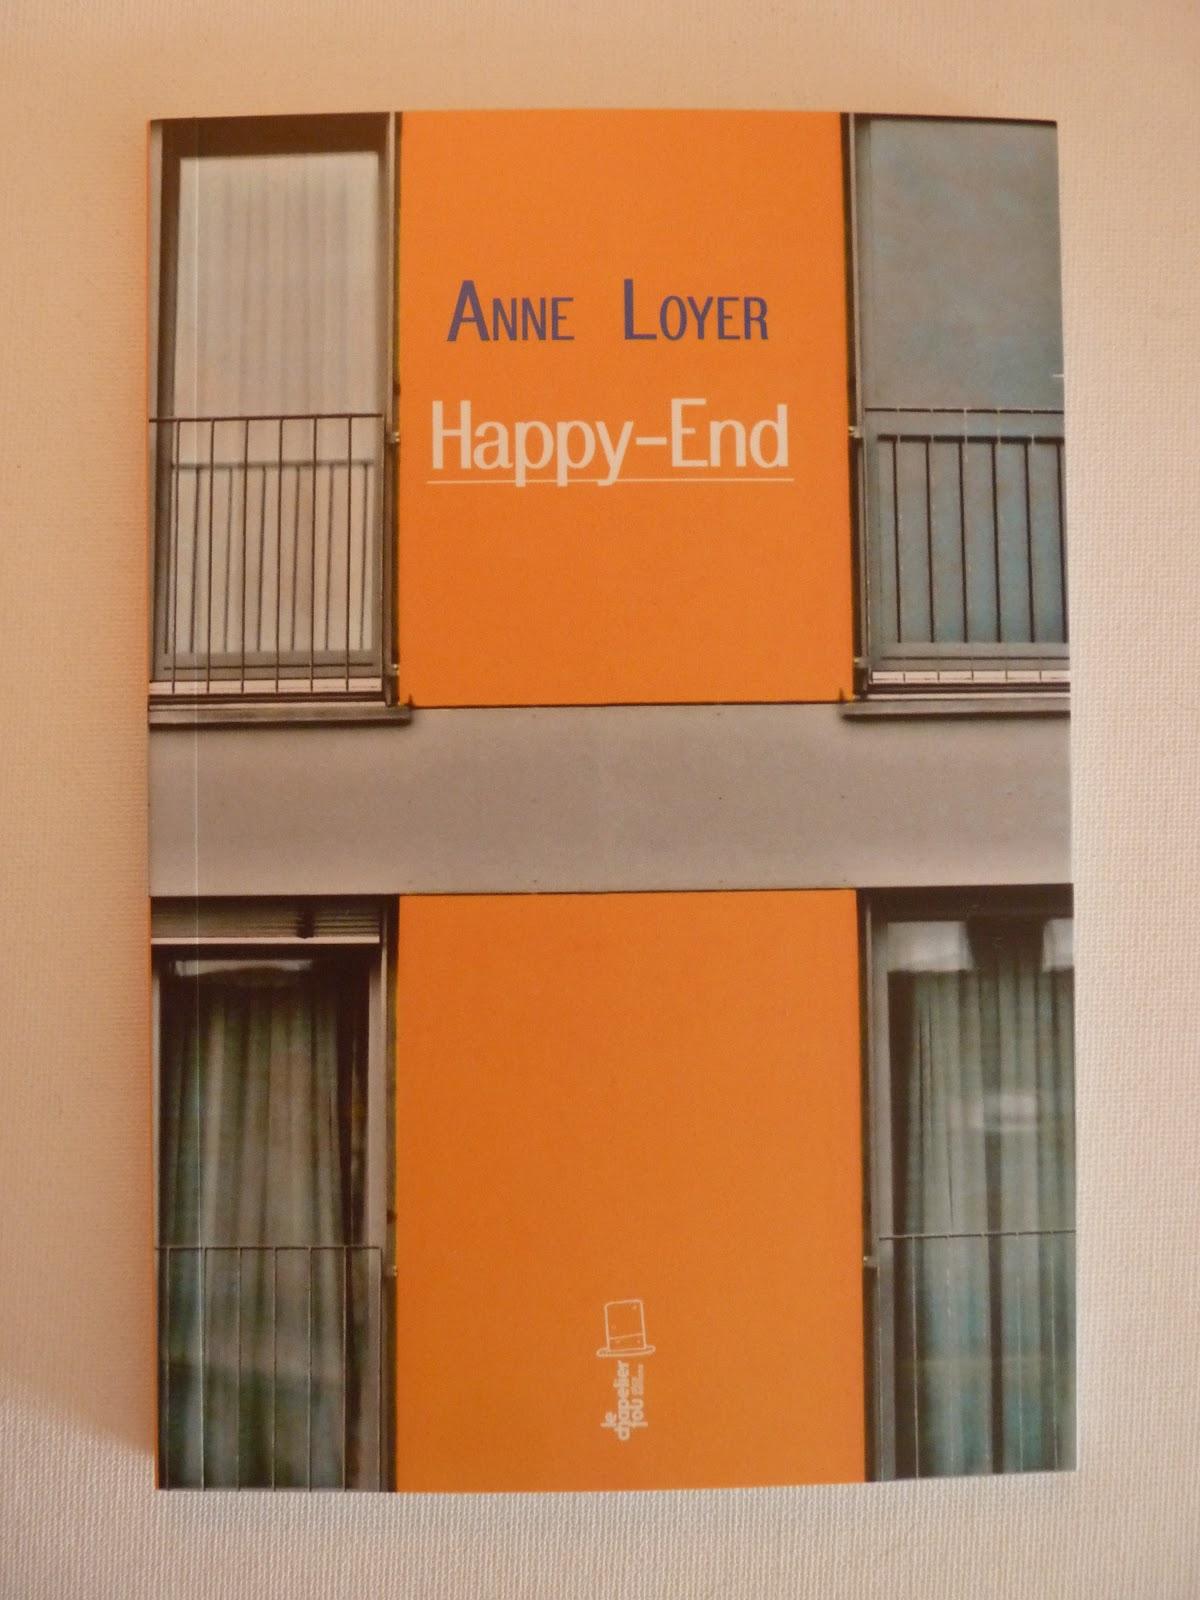 Chagaz Et Vous Happy End Alice Editions Livre Pour